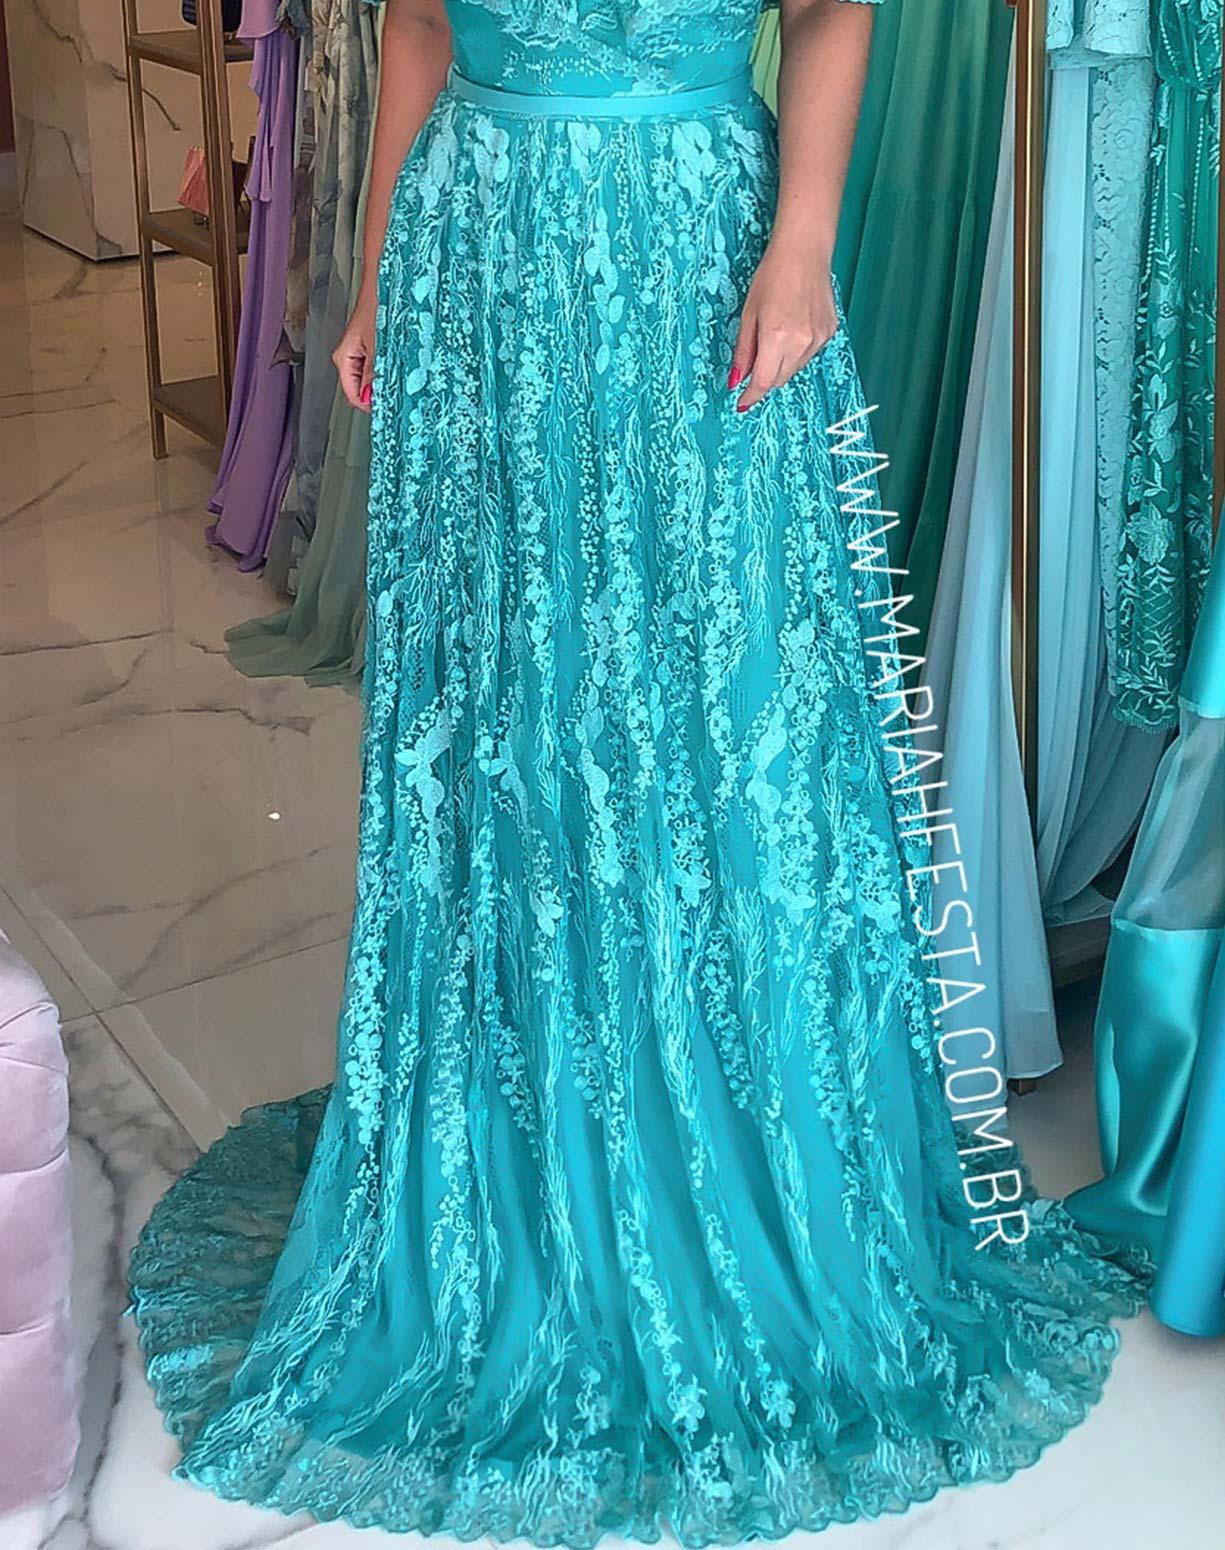 Vestido Tiffany em Renda com Saia Evasê